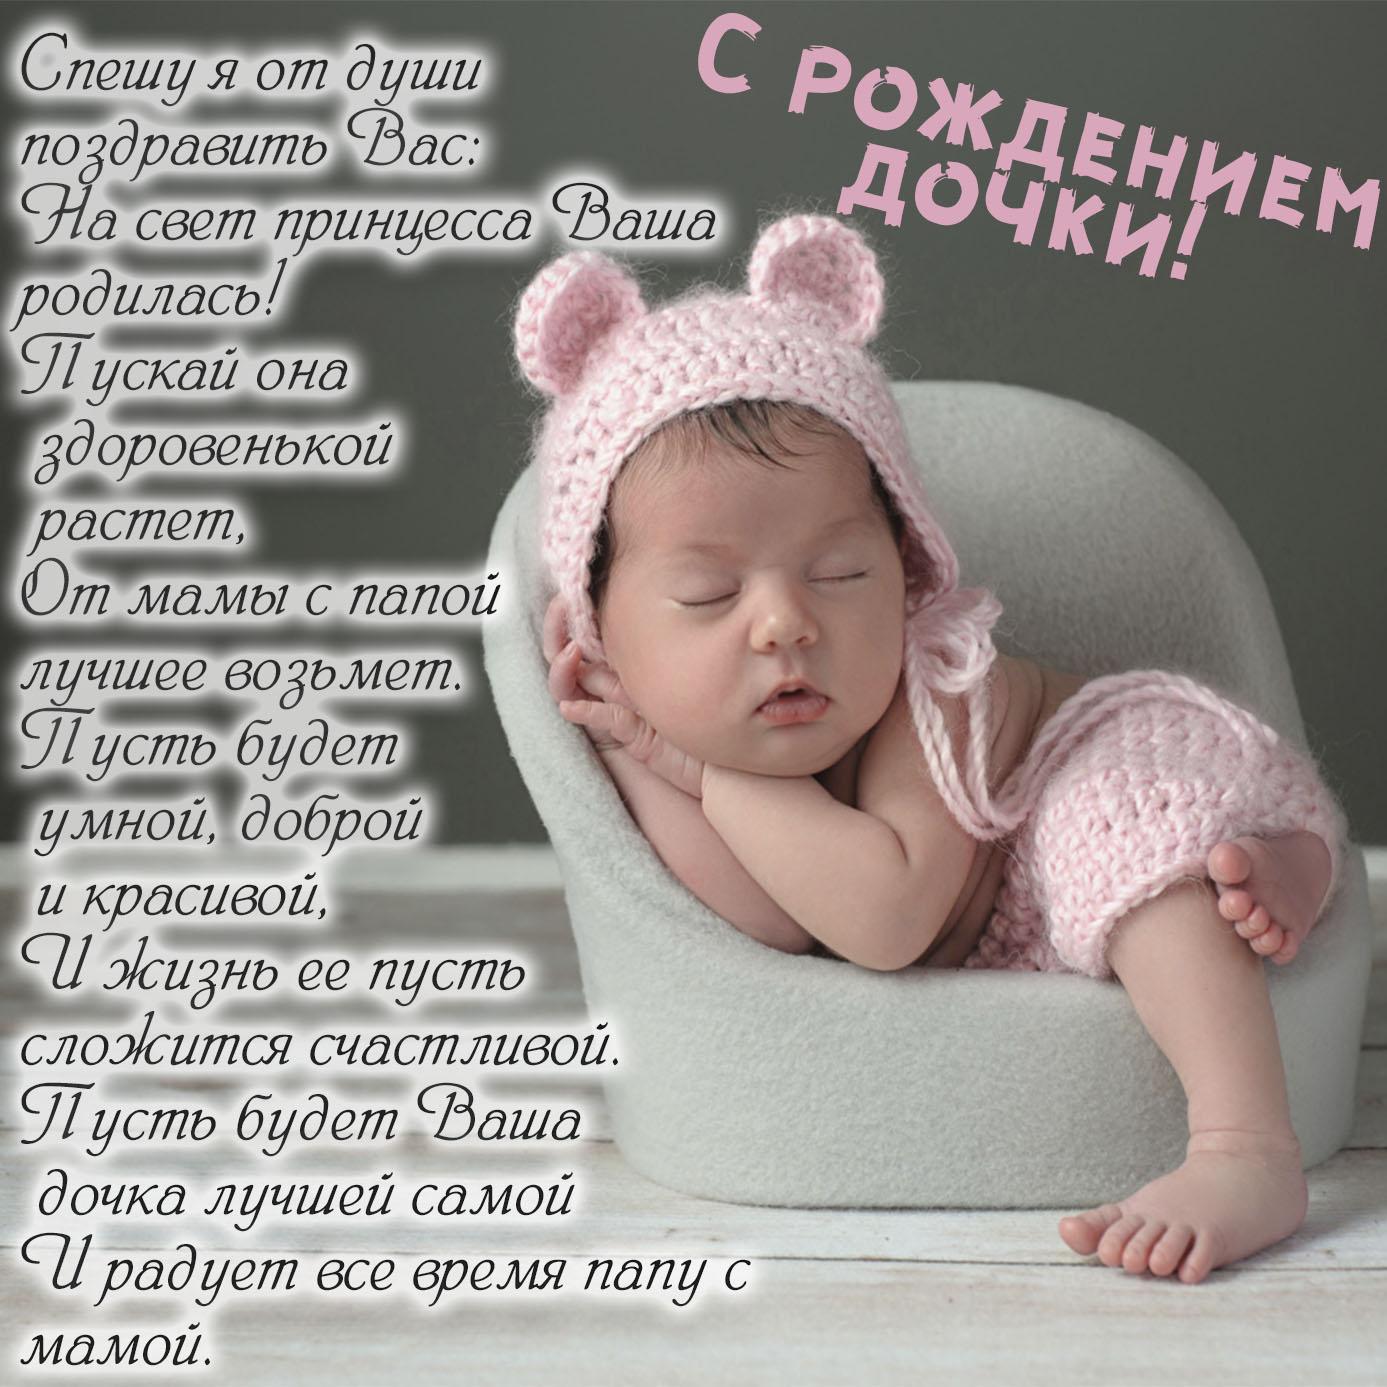 С рождением дочери поздравления папе картинки с пожеланиями, человеком